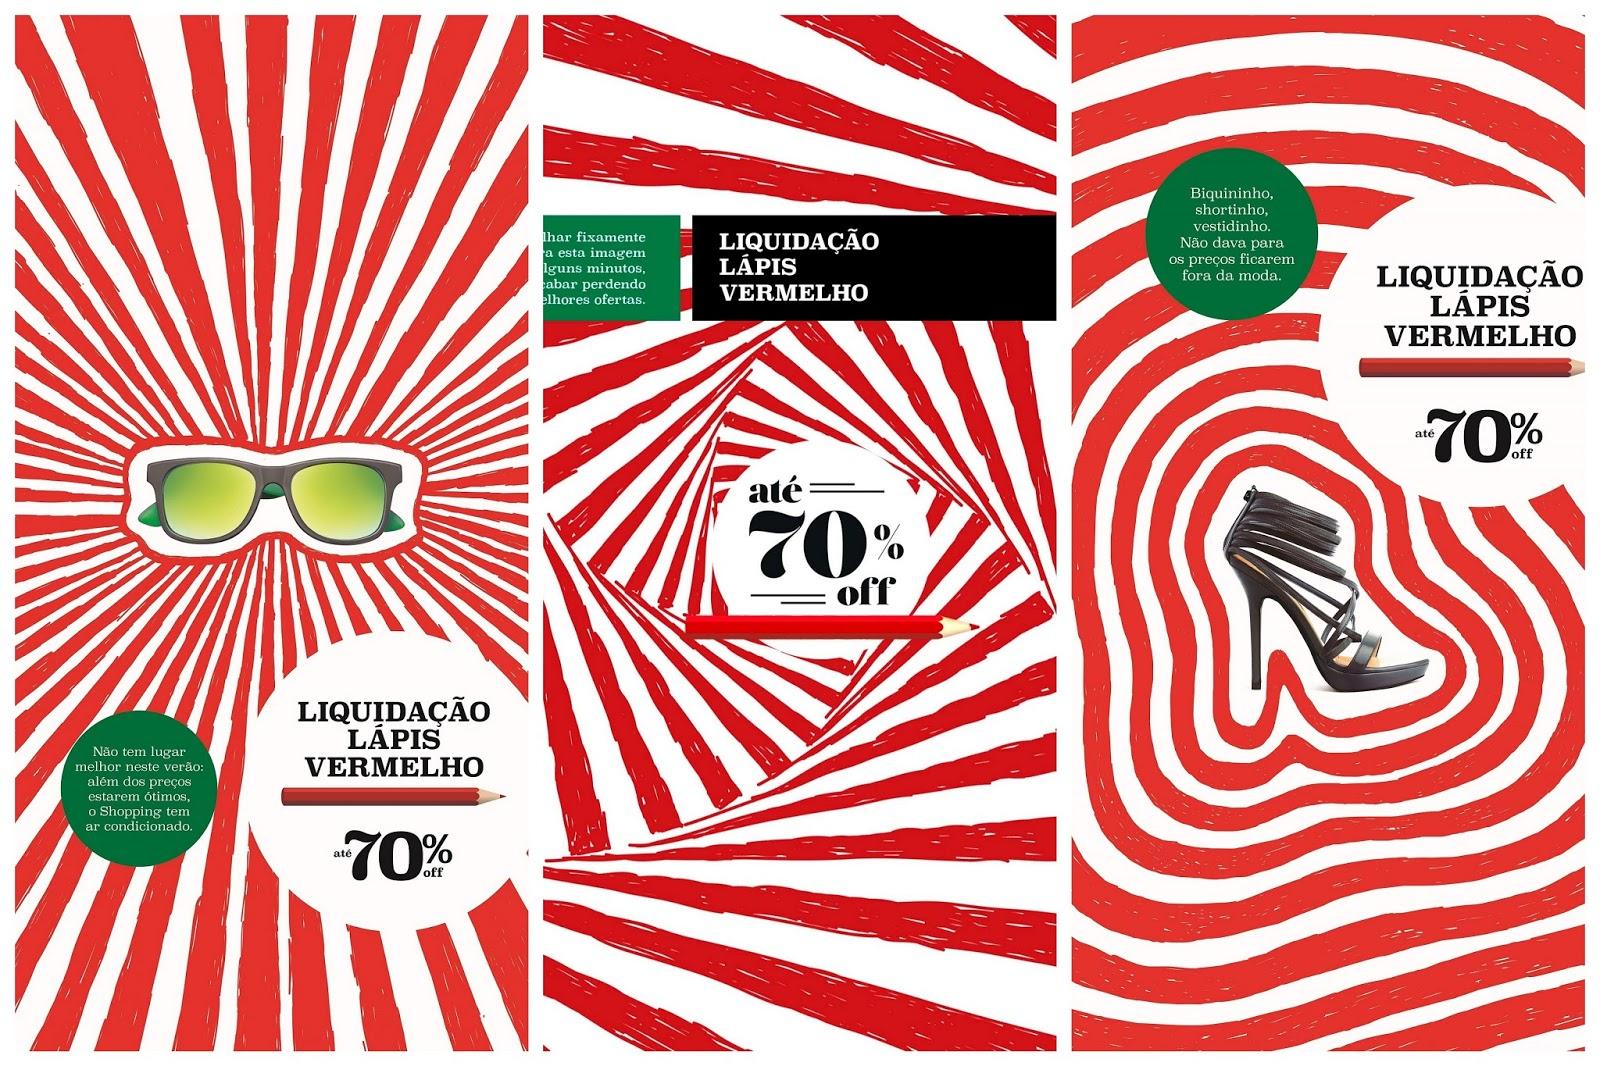 ad3f8d001df Multiplan promove Liquidação do Lápis Vermelho com descontos de até ...